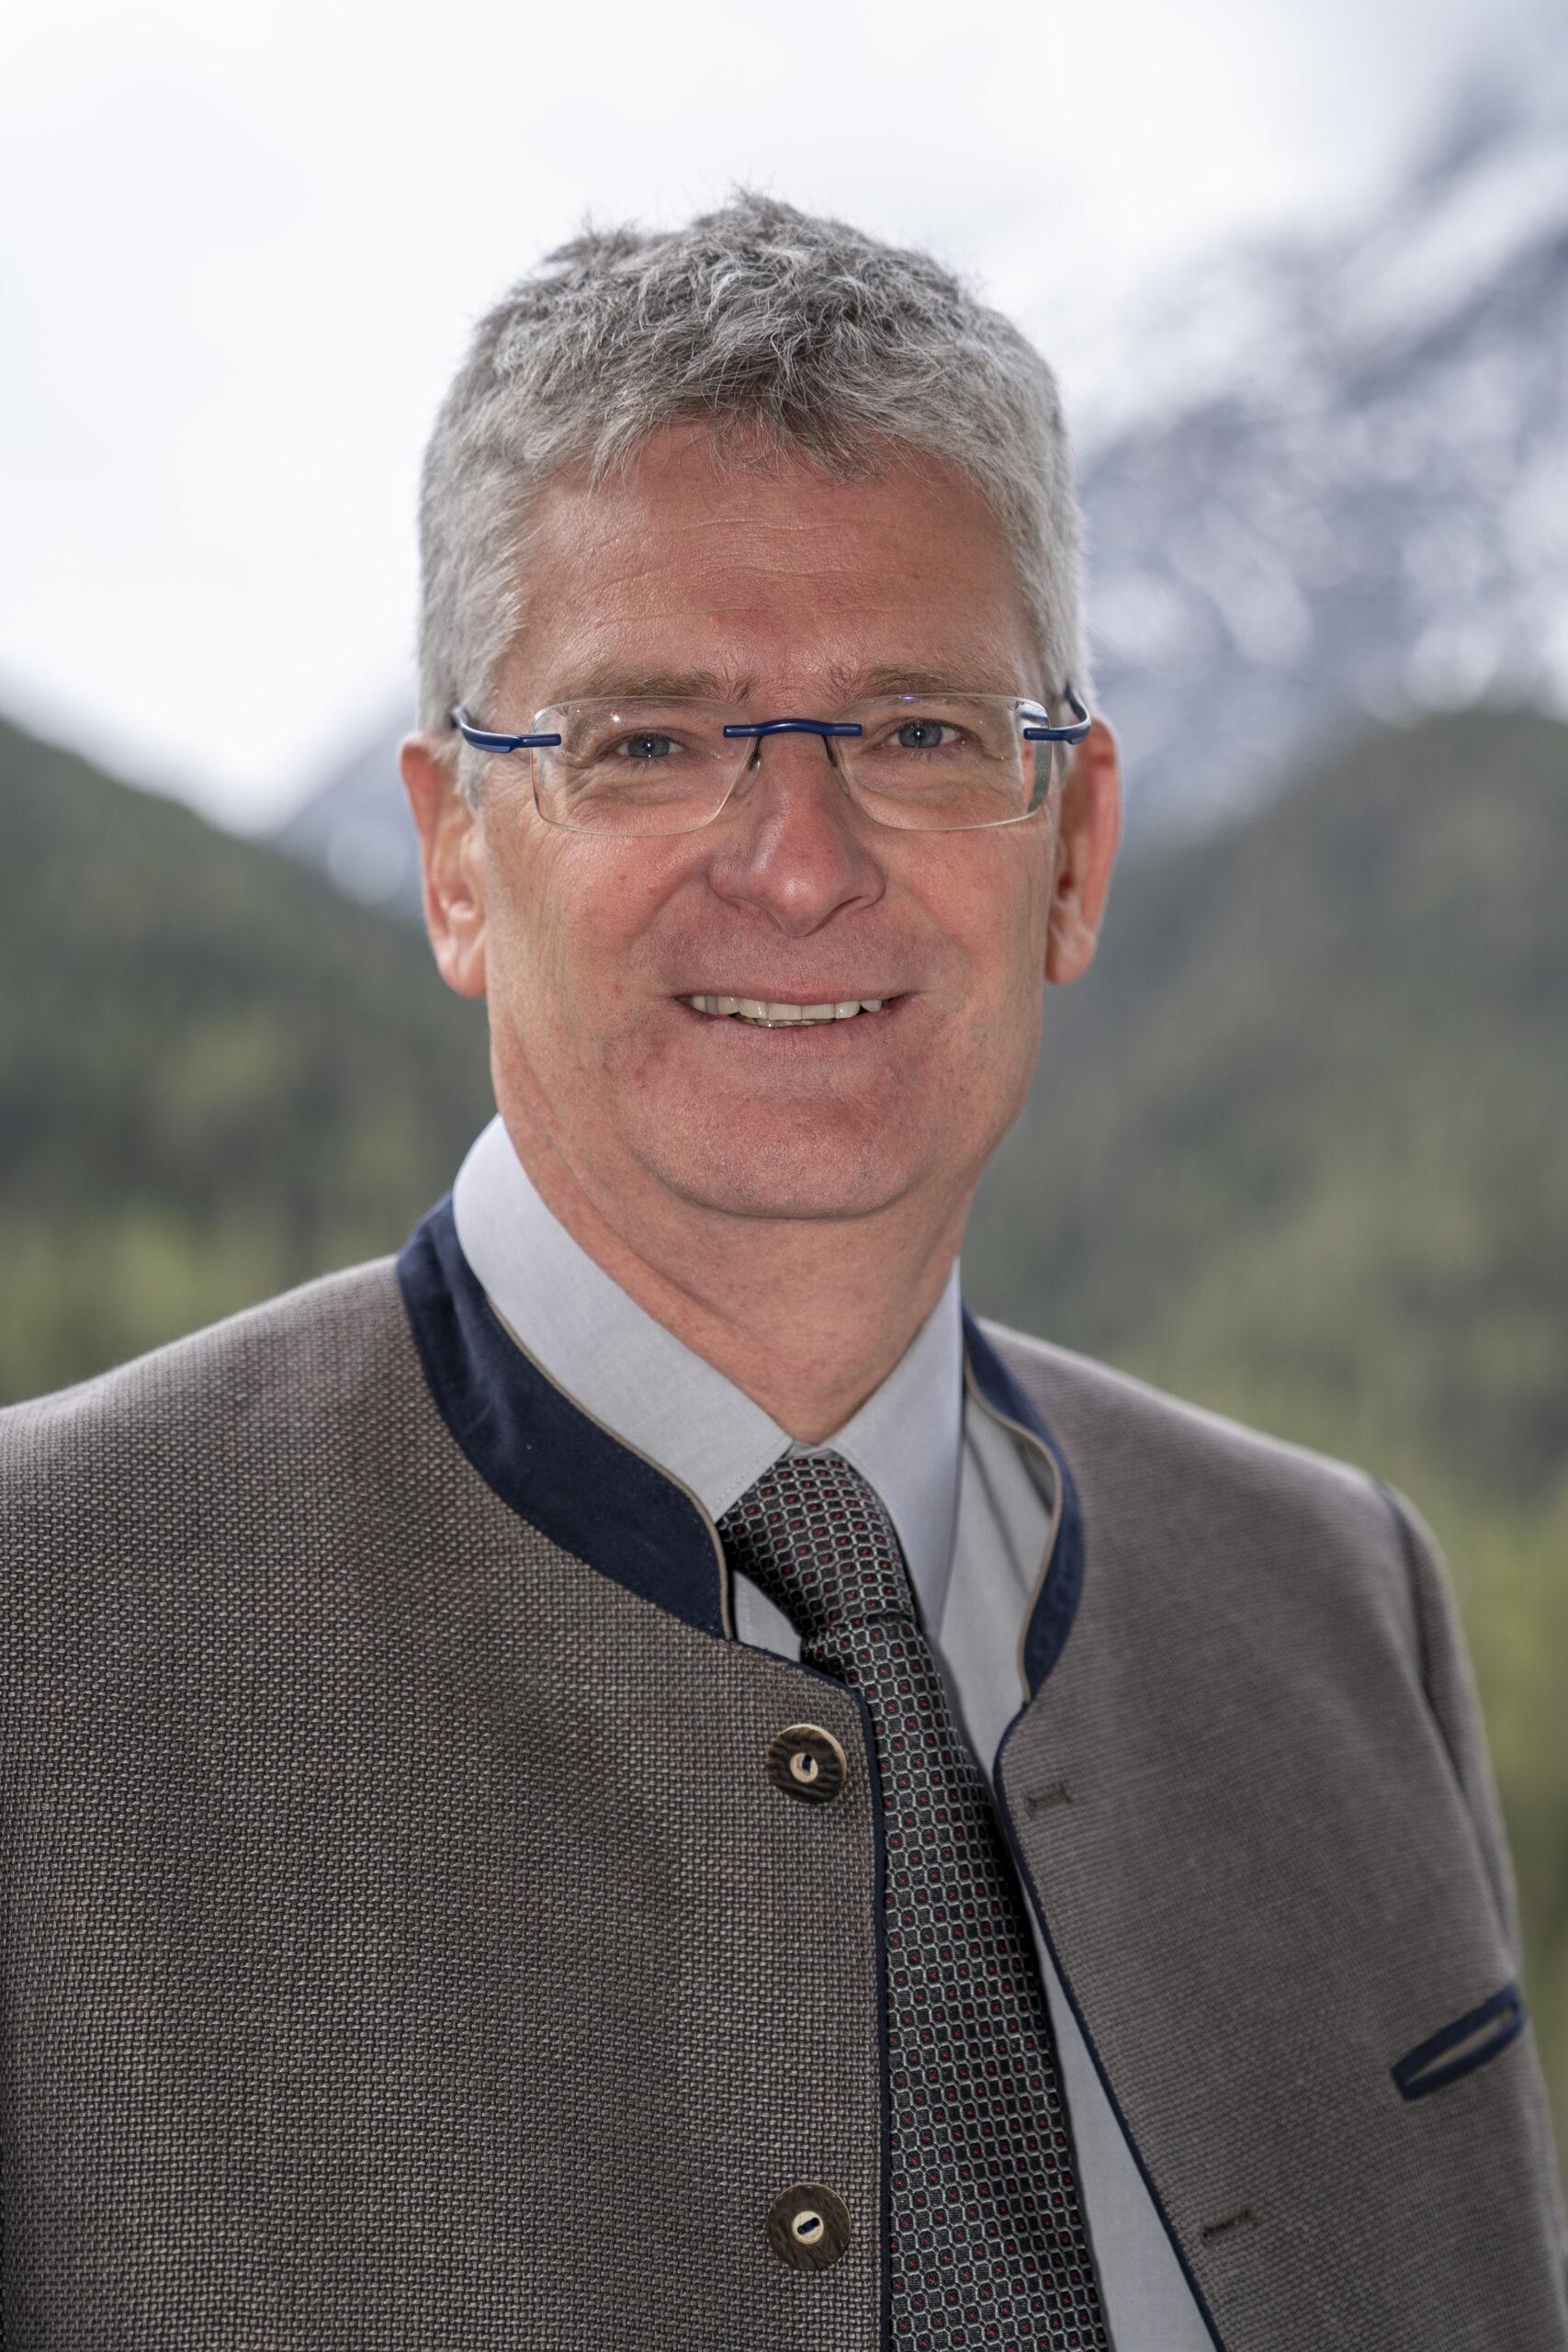 Michael Tanno